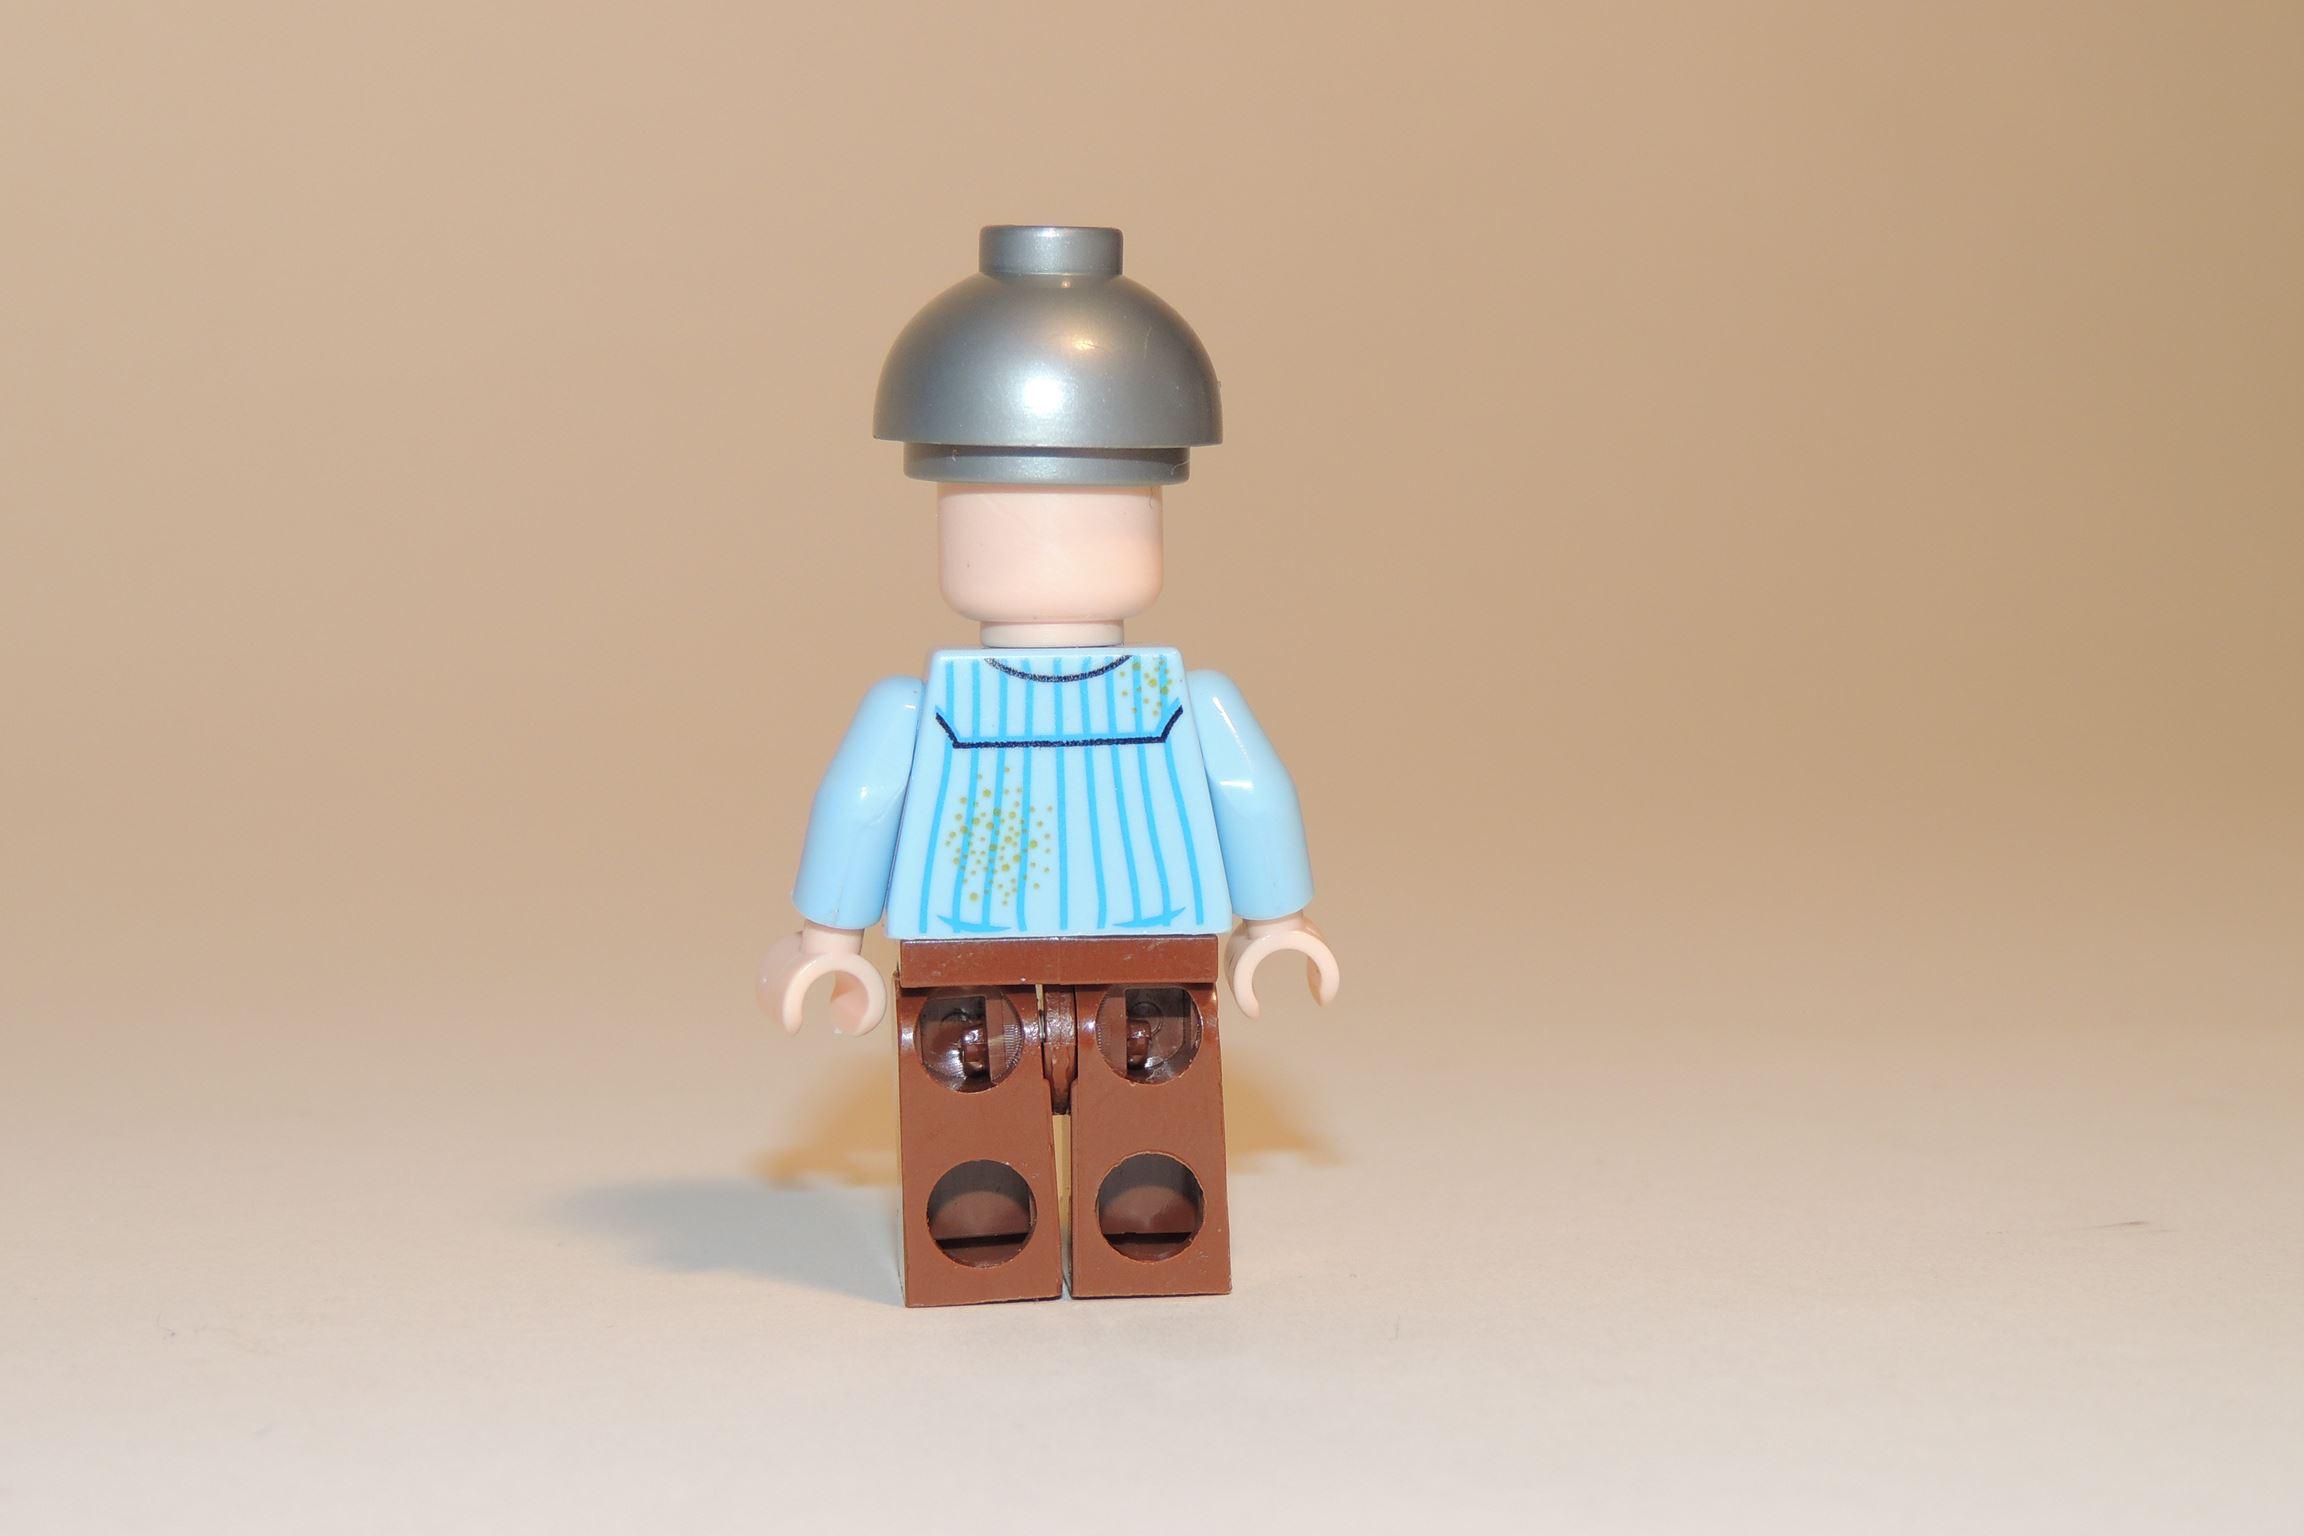 Rückseite der Figur - Bedruckt.